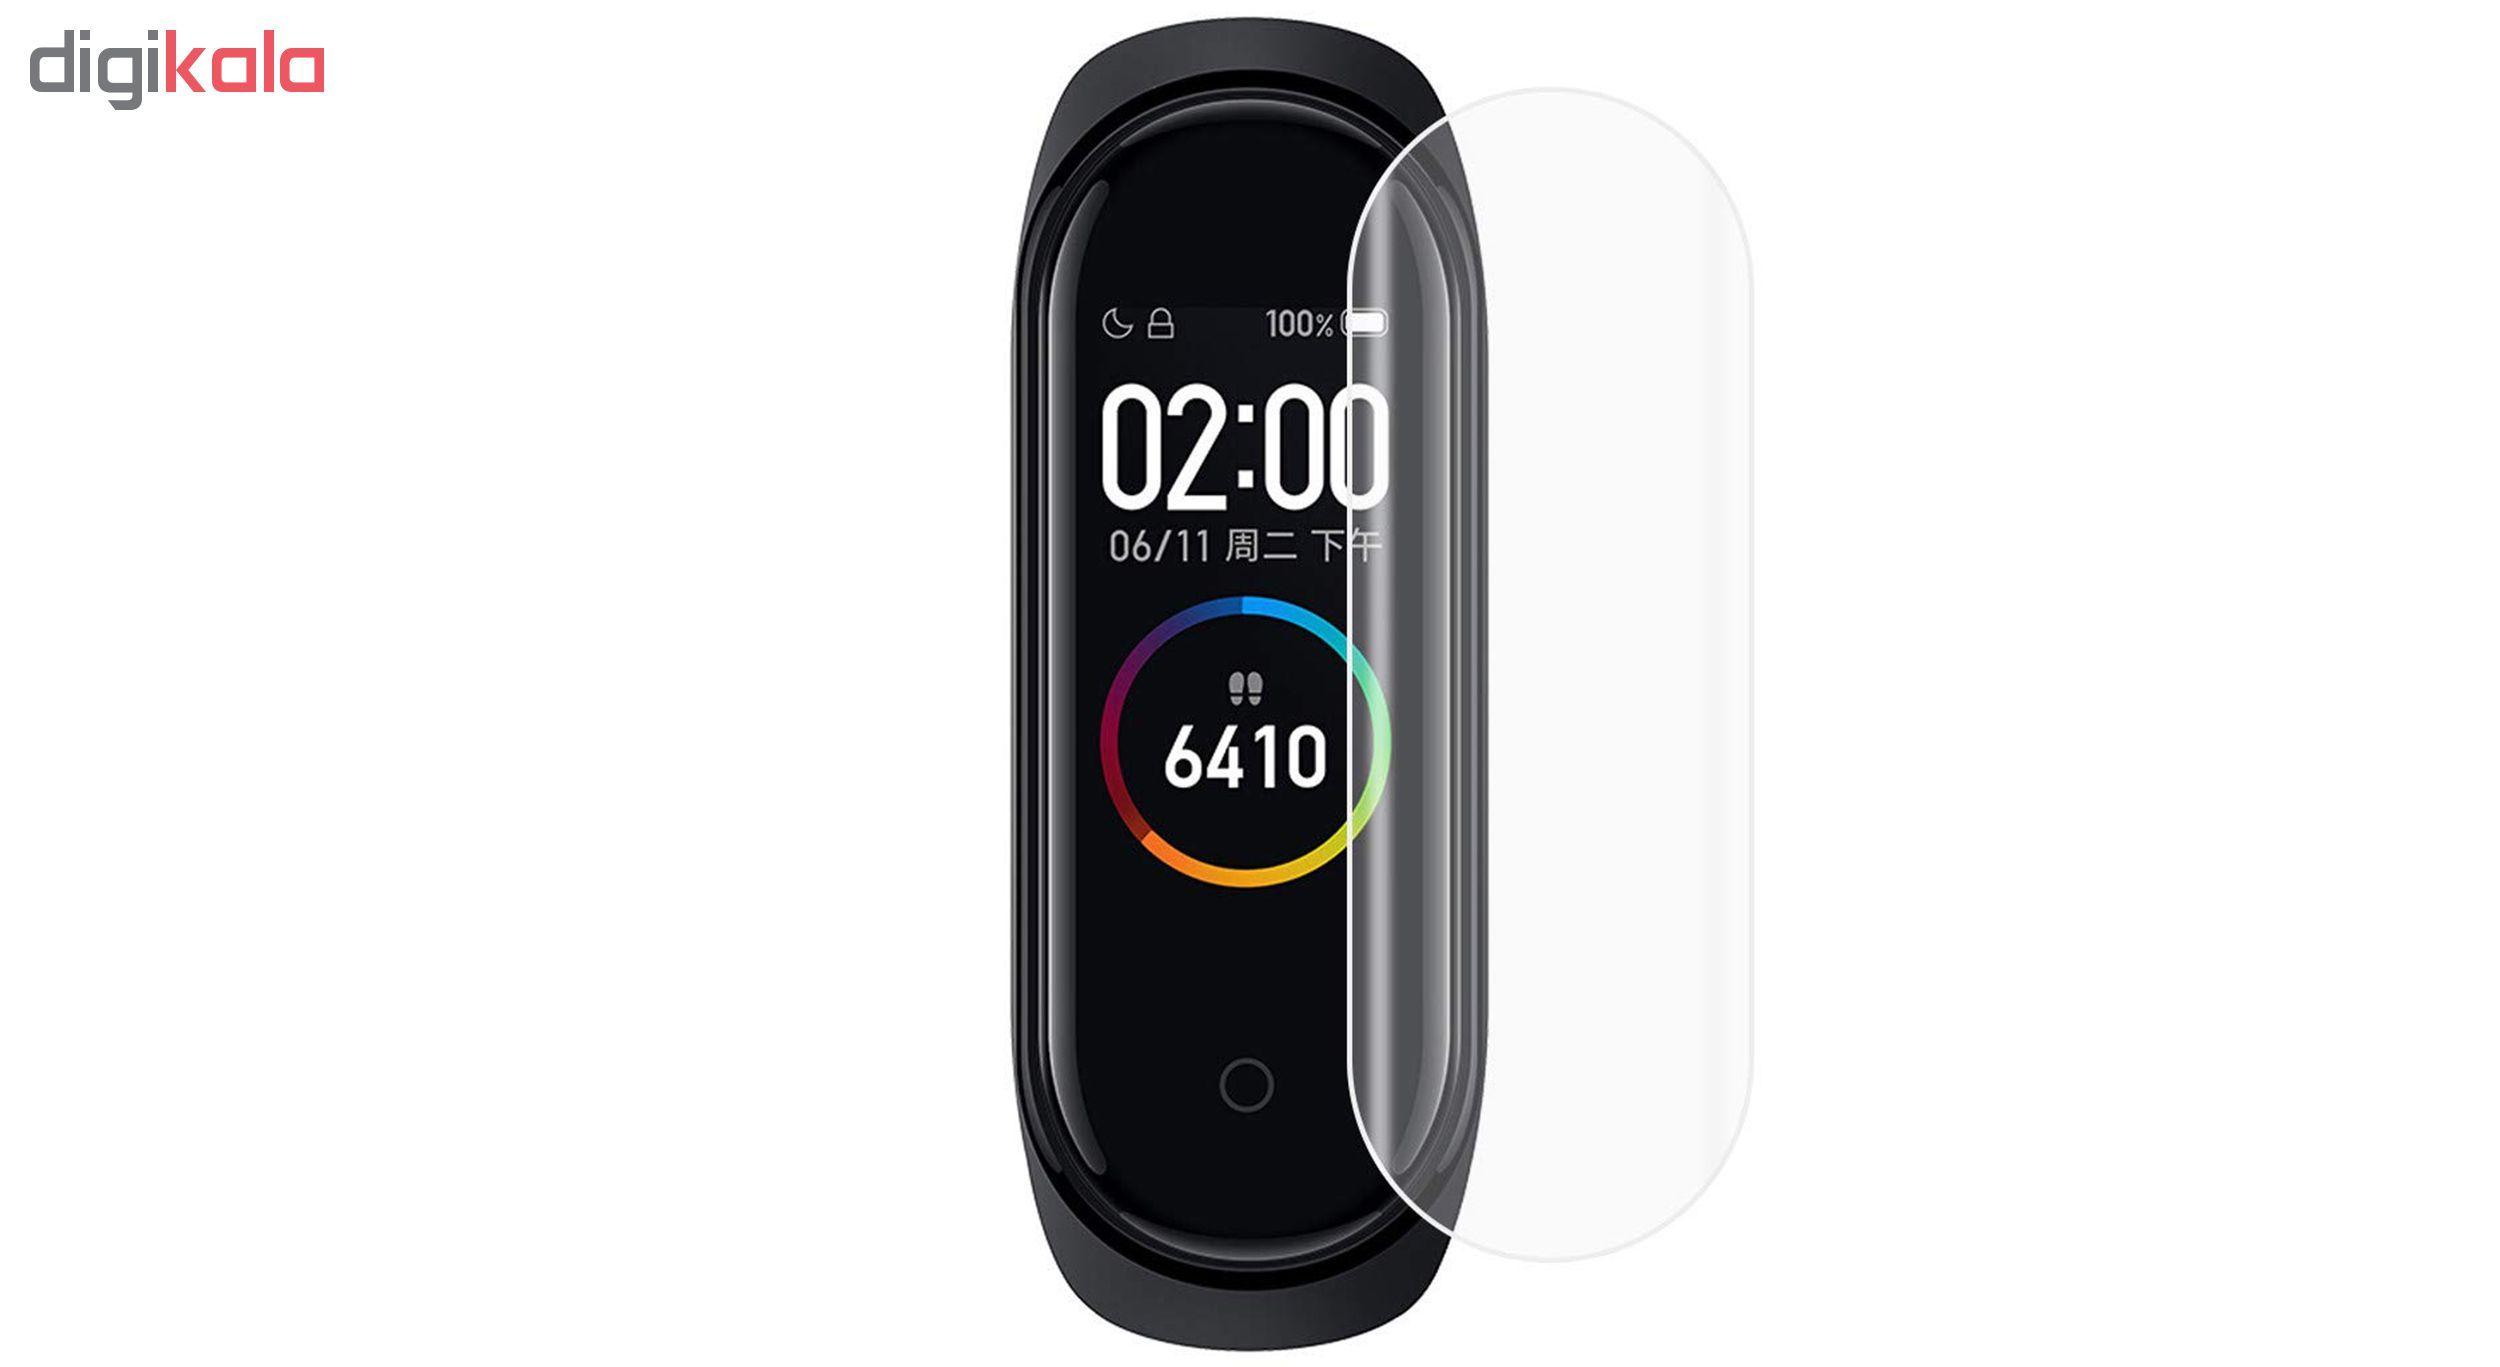 محافظ صفحه نمایش سومگ مدل GSMG  مناسب برای مچ بند هوشمند شیائومی Mi Band 4  main 1 1